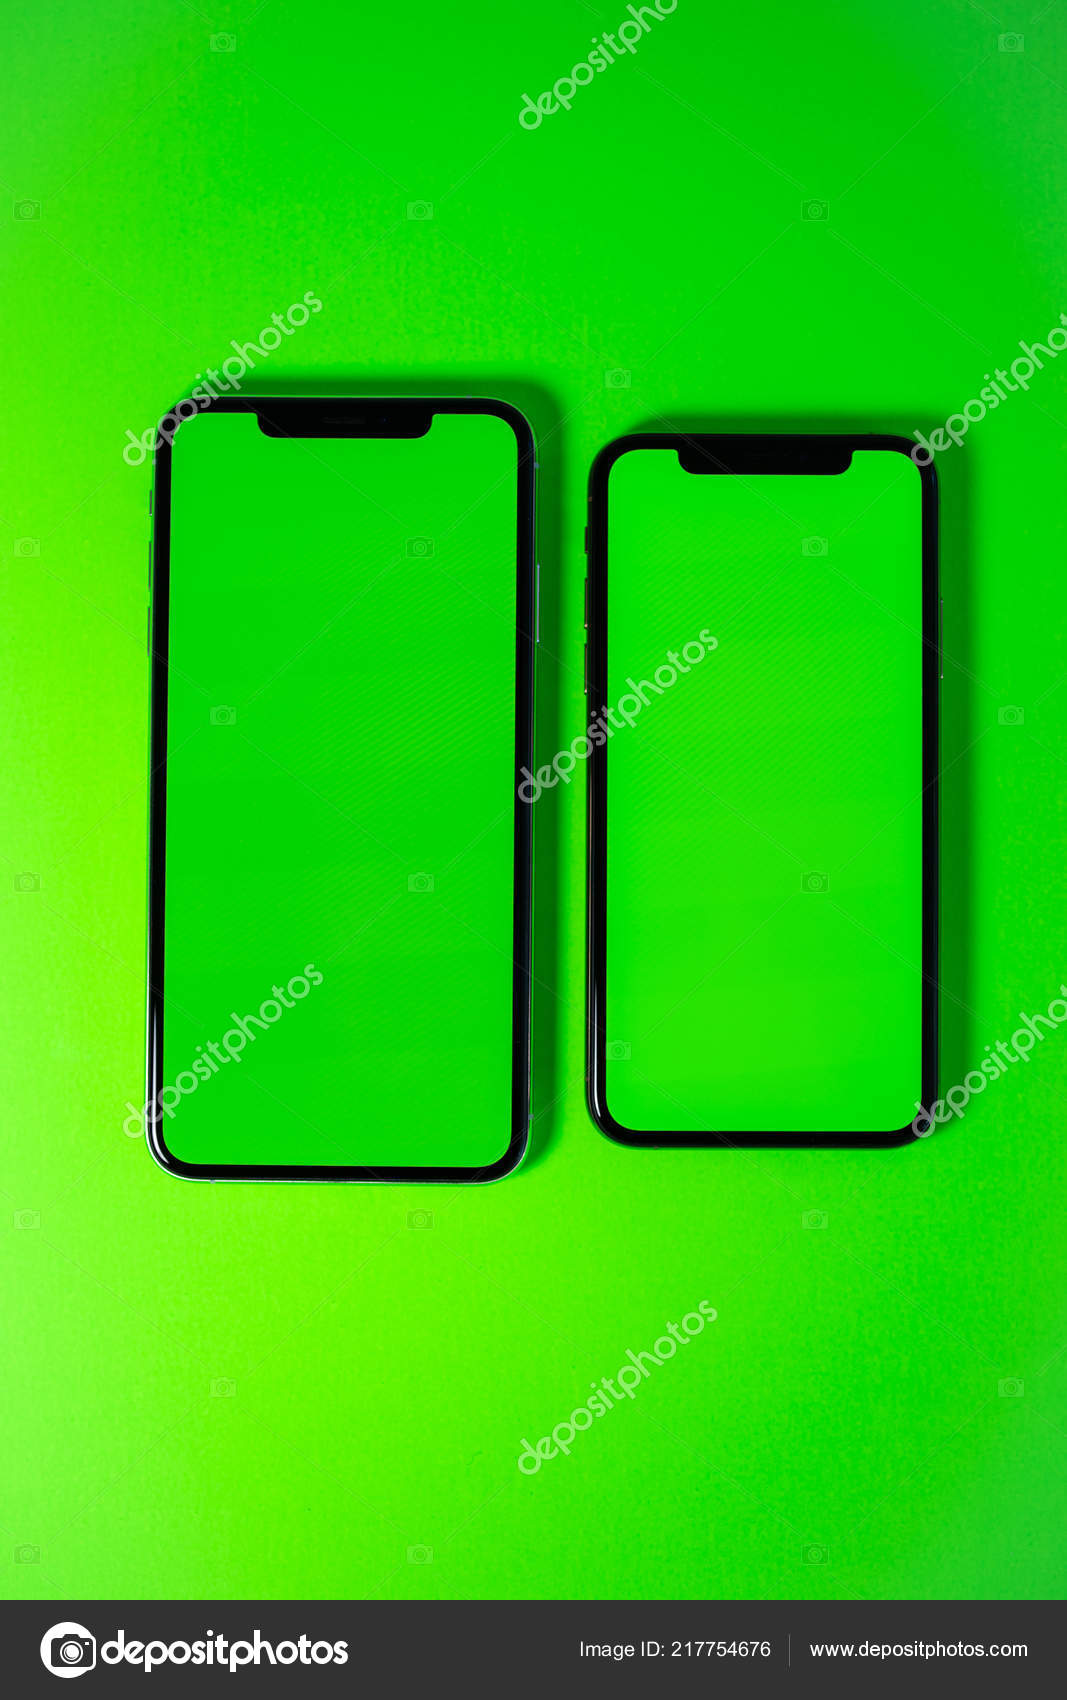 Apple Iphone Xs Max Su Sfondo Verde Vivace Foto Editoriale Stock